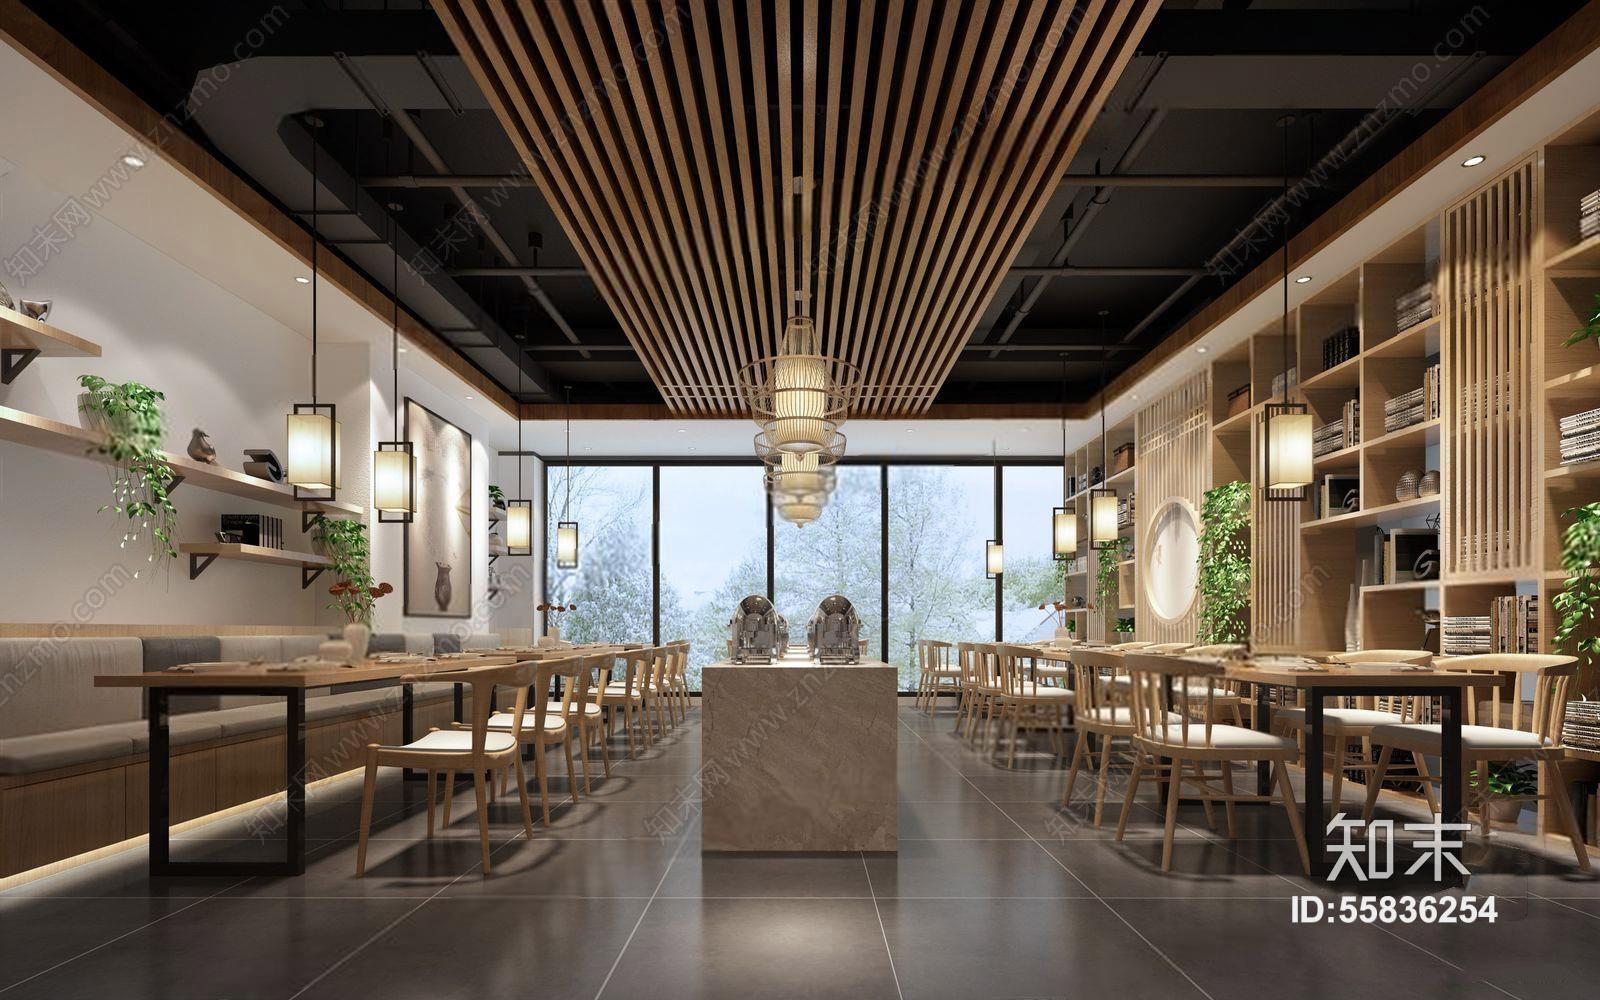 新中式餐厅 新中式餐厅 餐桌 餐椅 取餐台 餐具台 卡座 竹子吊灯 单头